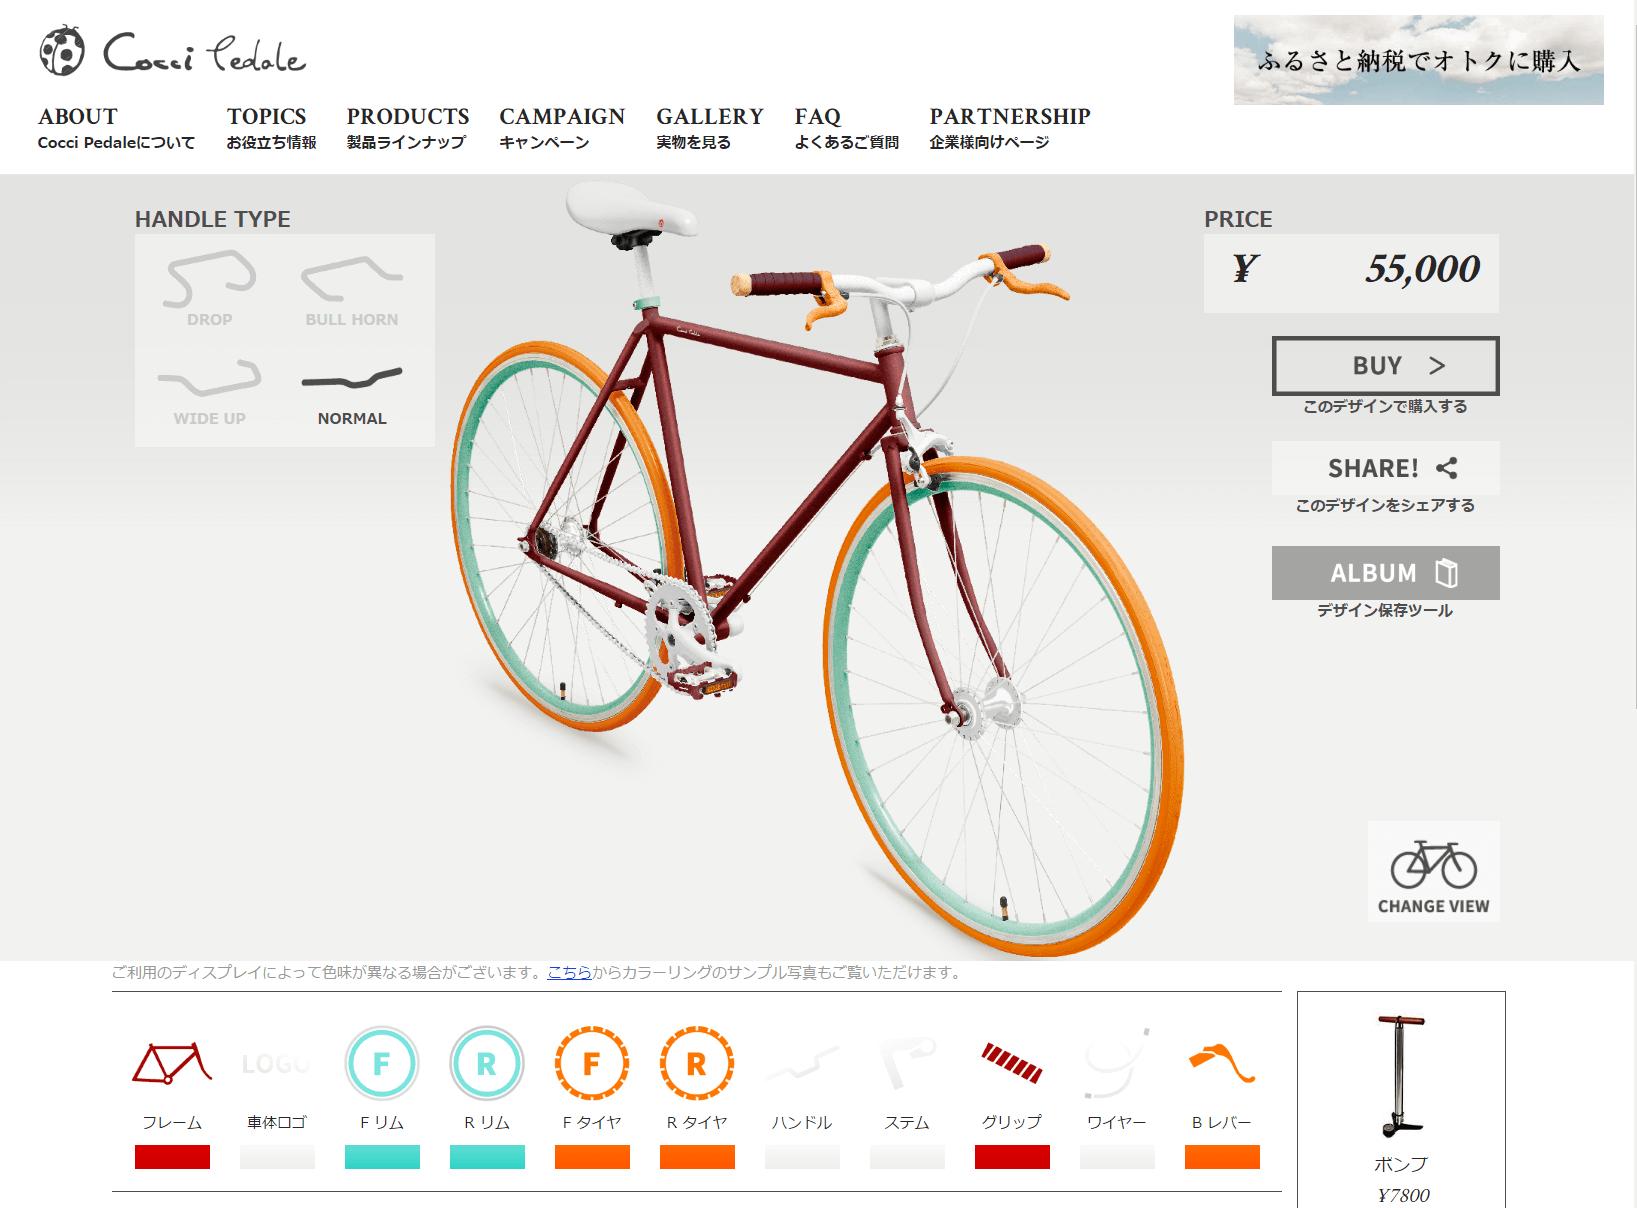 超絶カッコイイ!ふるさと納税で世界でただ1つの自転車をもらいませんか?